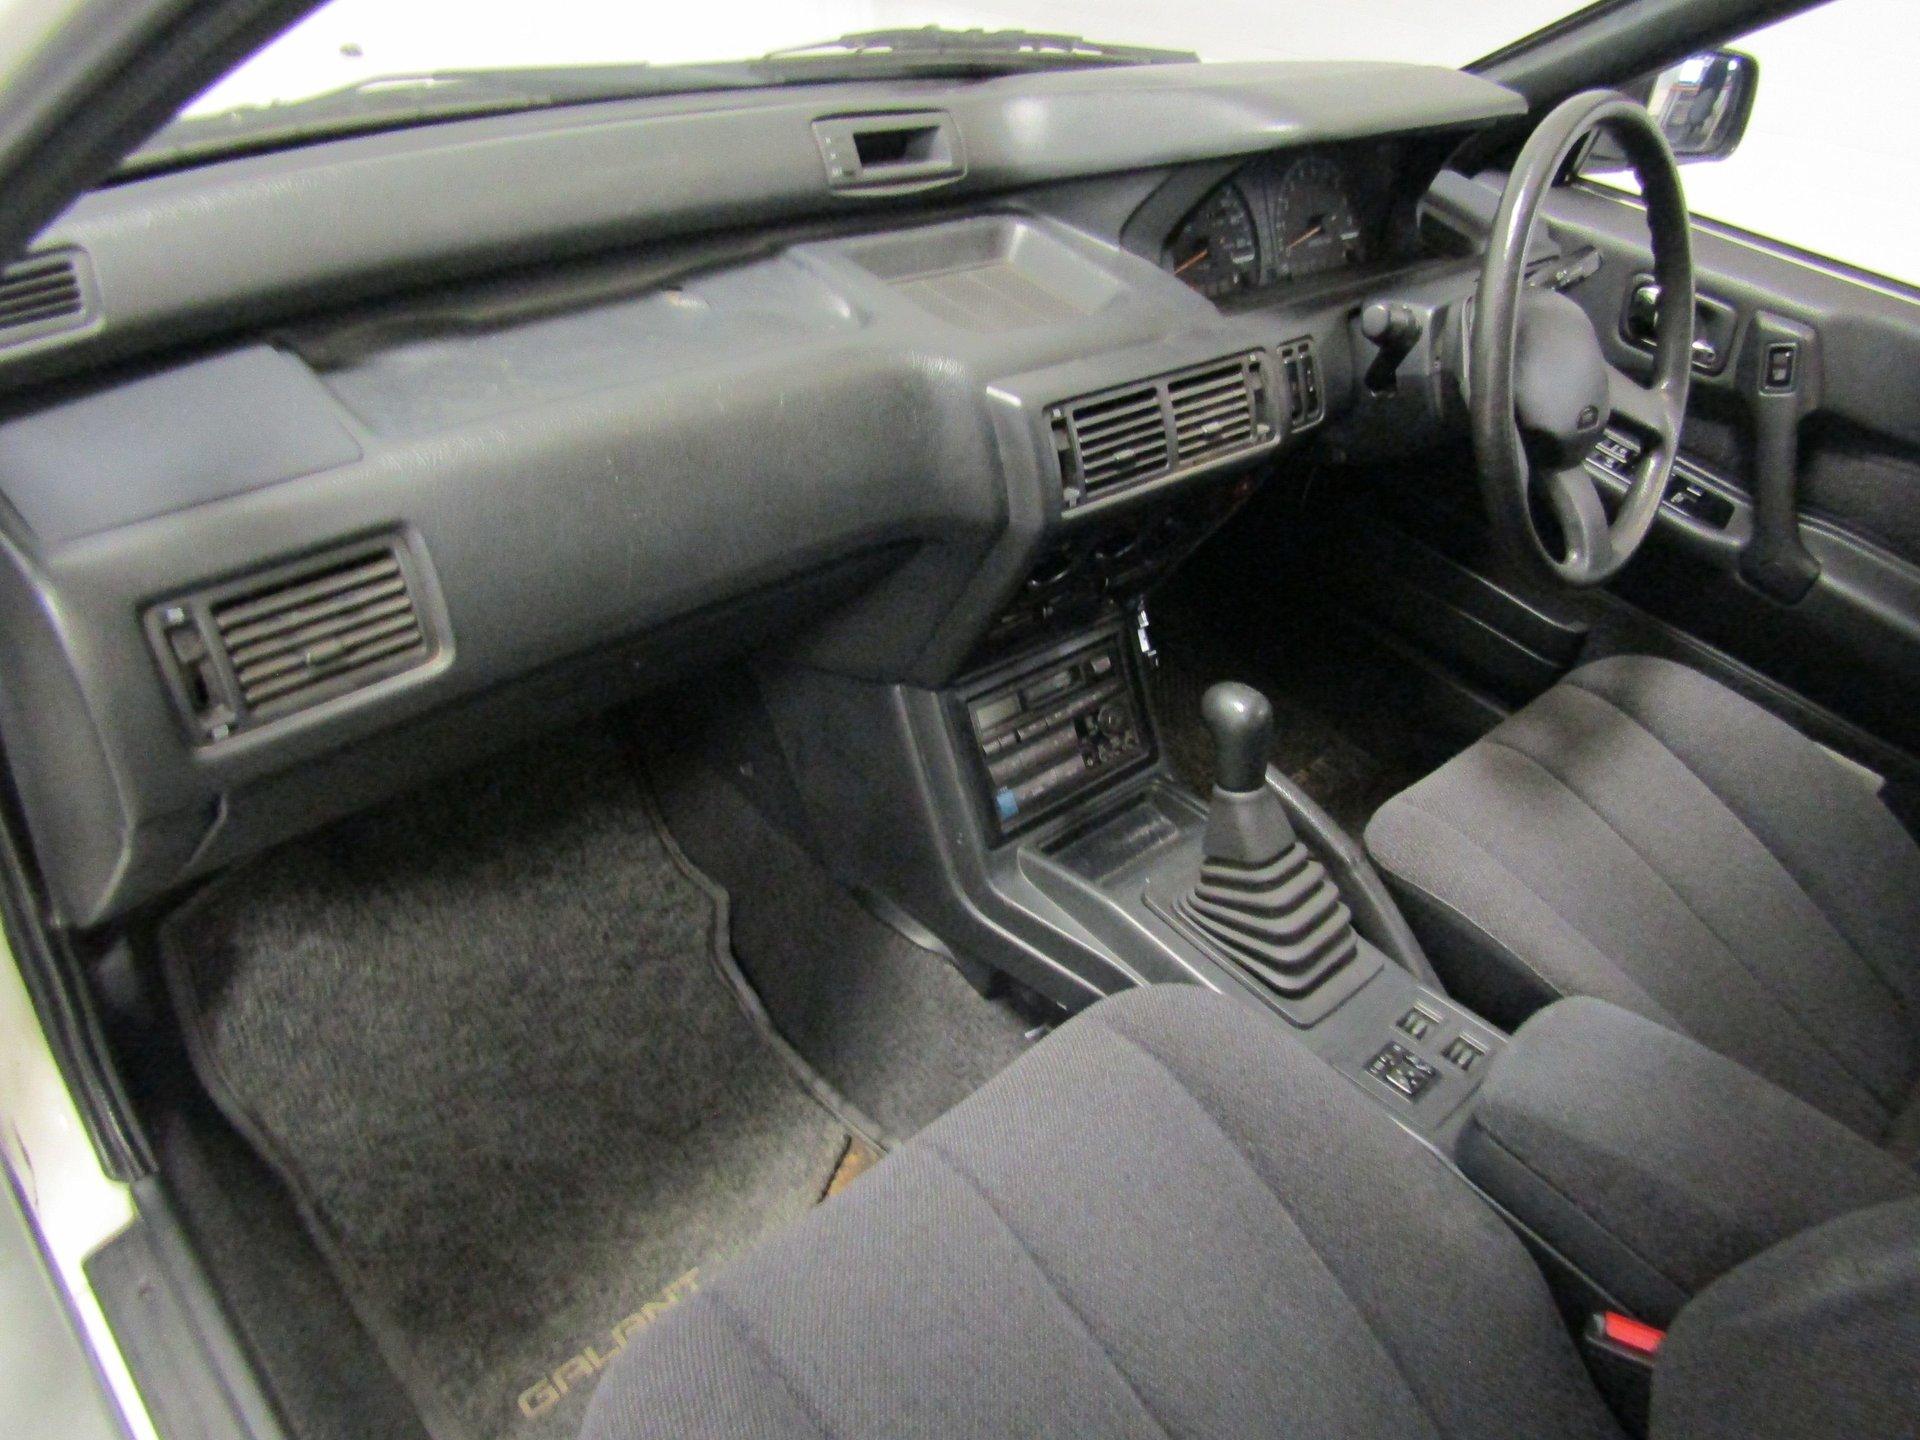 1989 Mitsubishi Galant